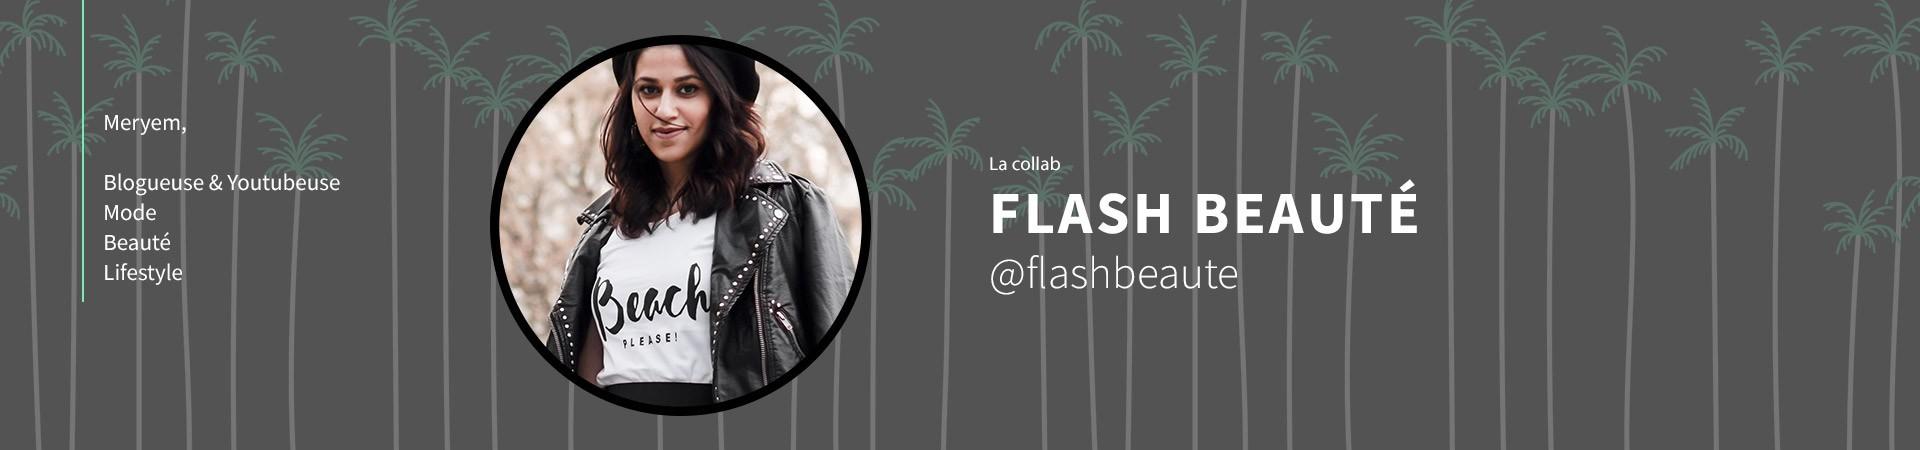 Flash Beauté